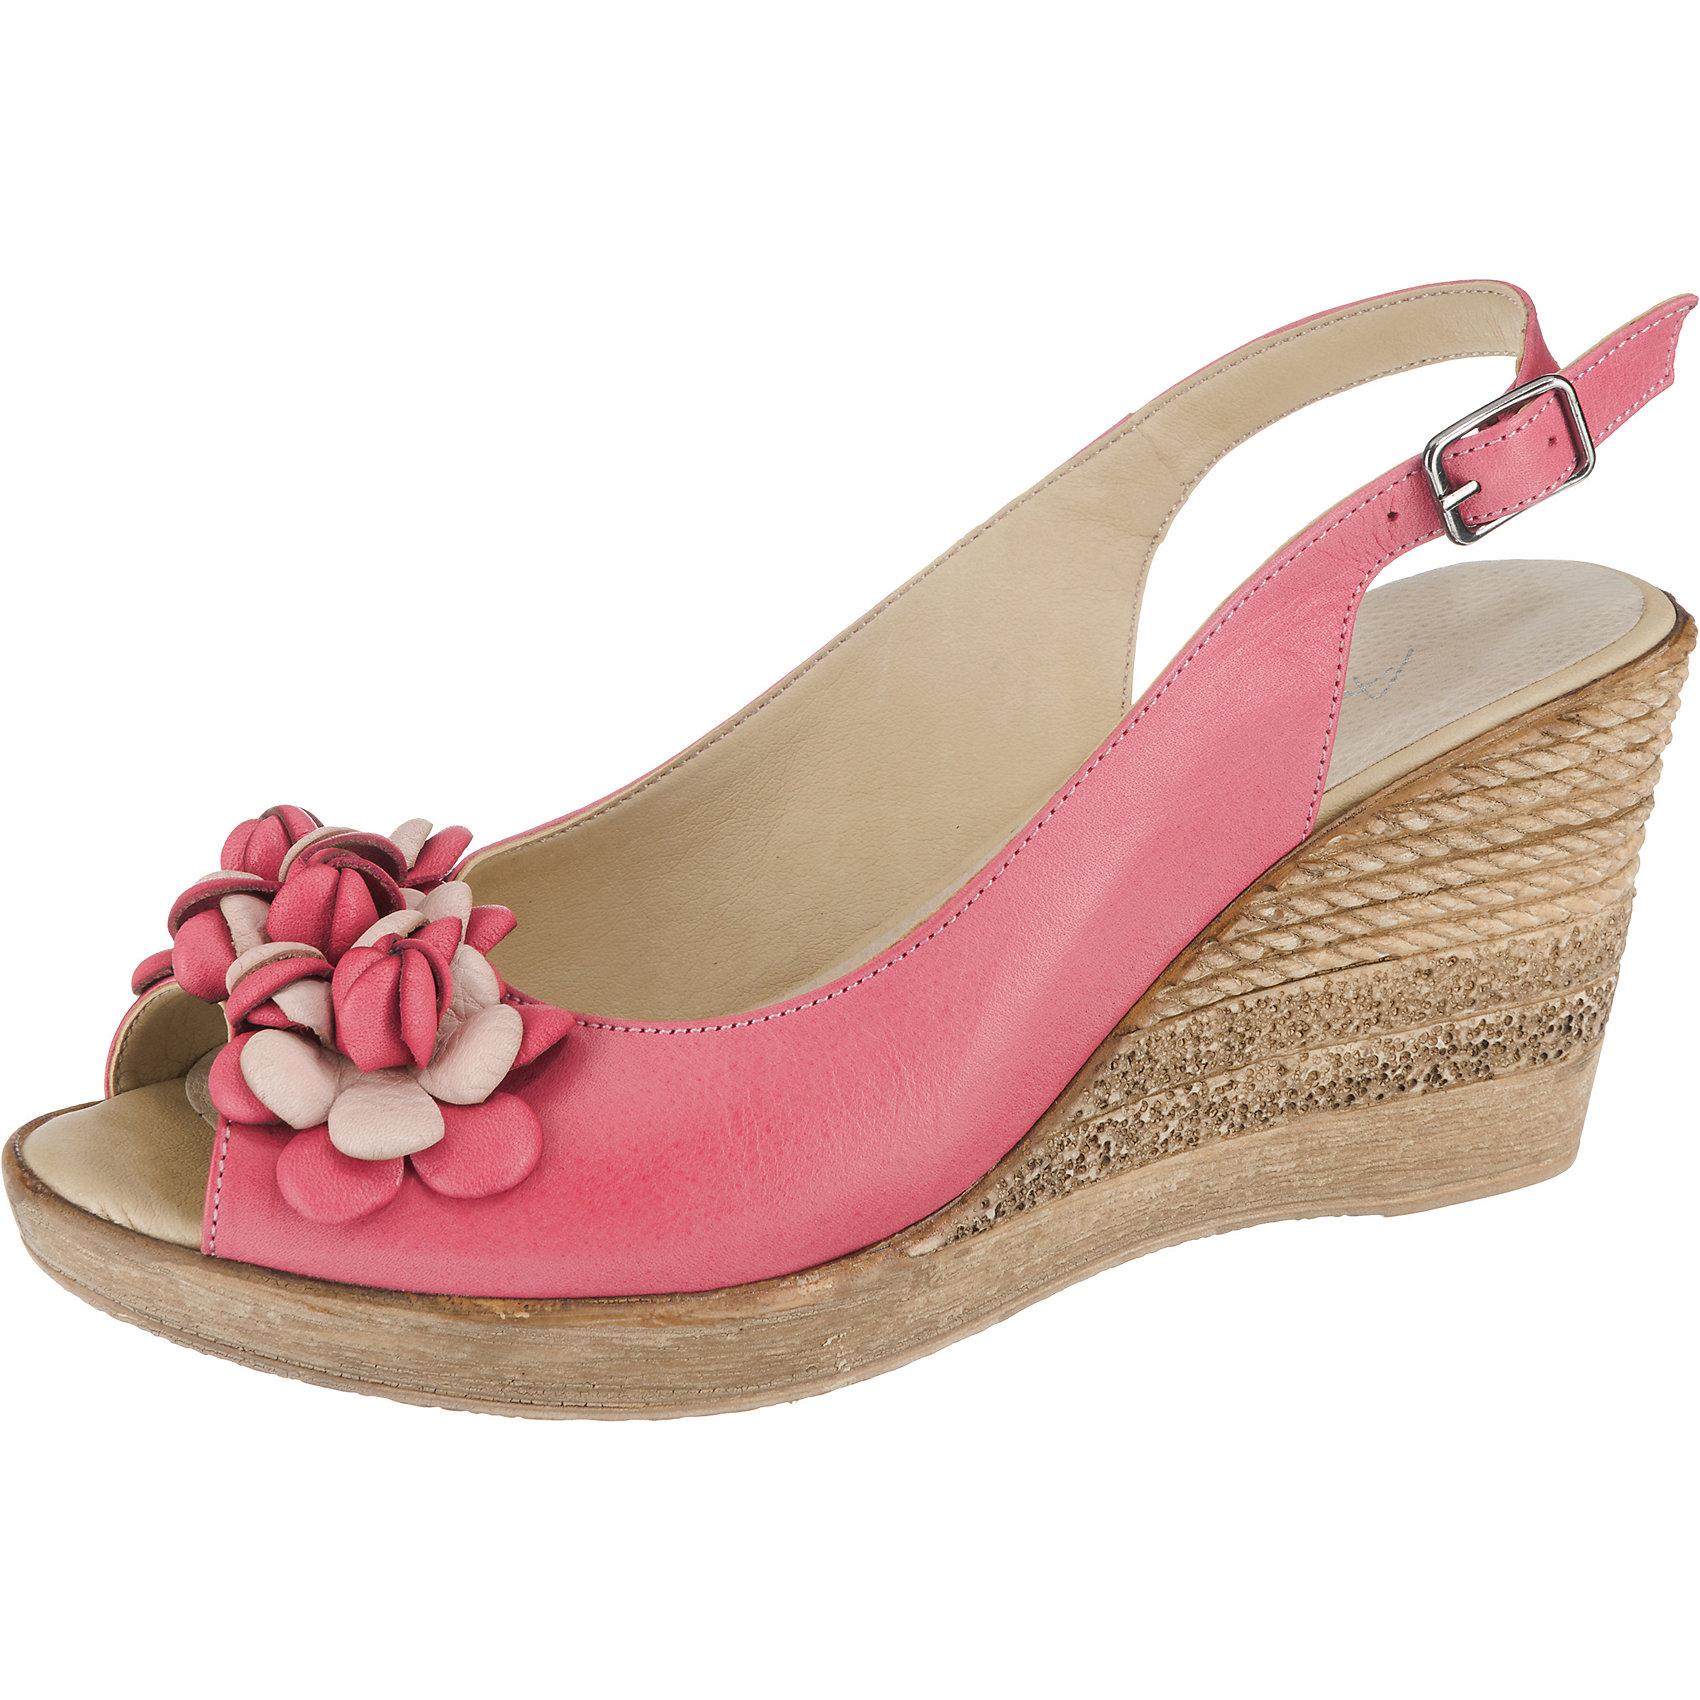 Neu Andrea Conti KeilSandaleeetten 7494184 für Damen rosa